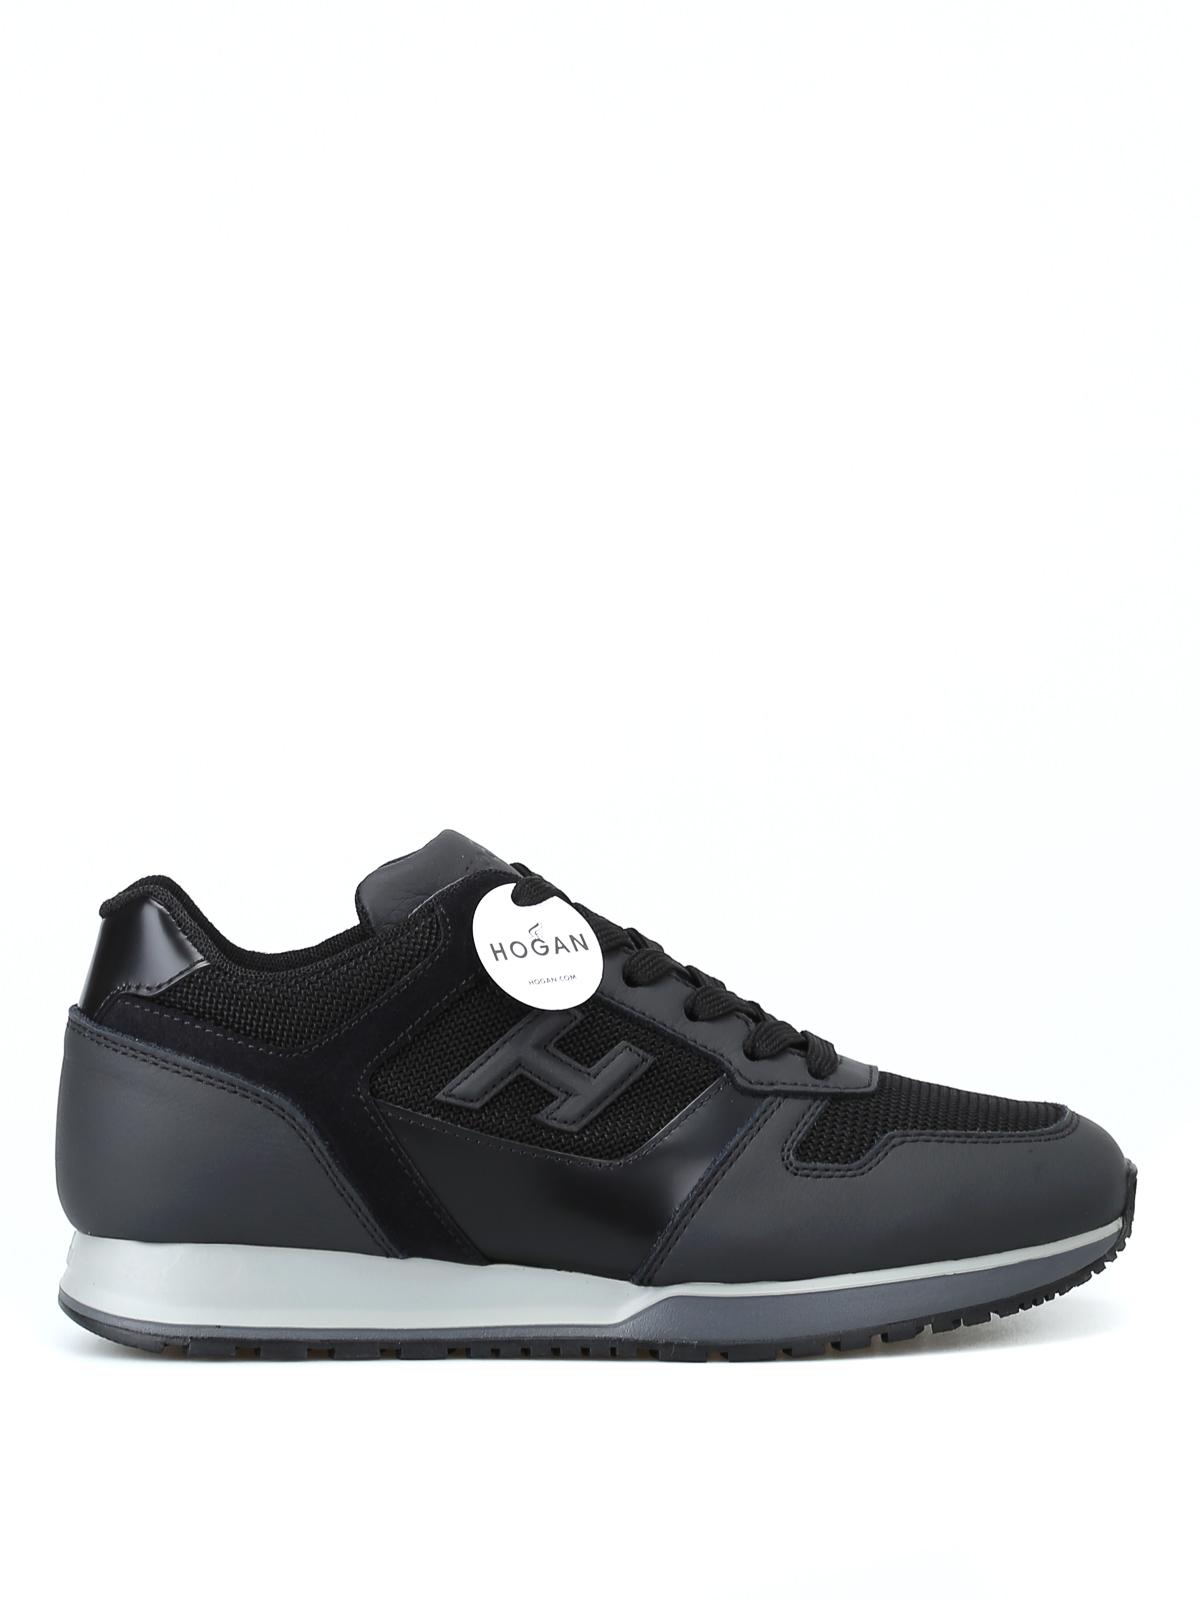 Sneakers Hogan - Sneaker nere H321 con H 3D - HXM3210Y850JBY246L